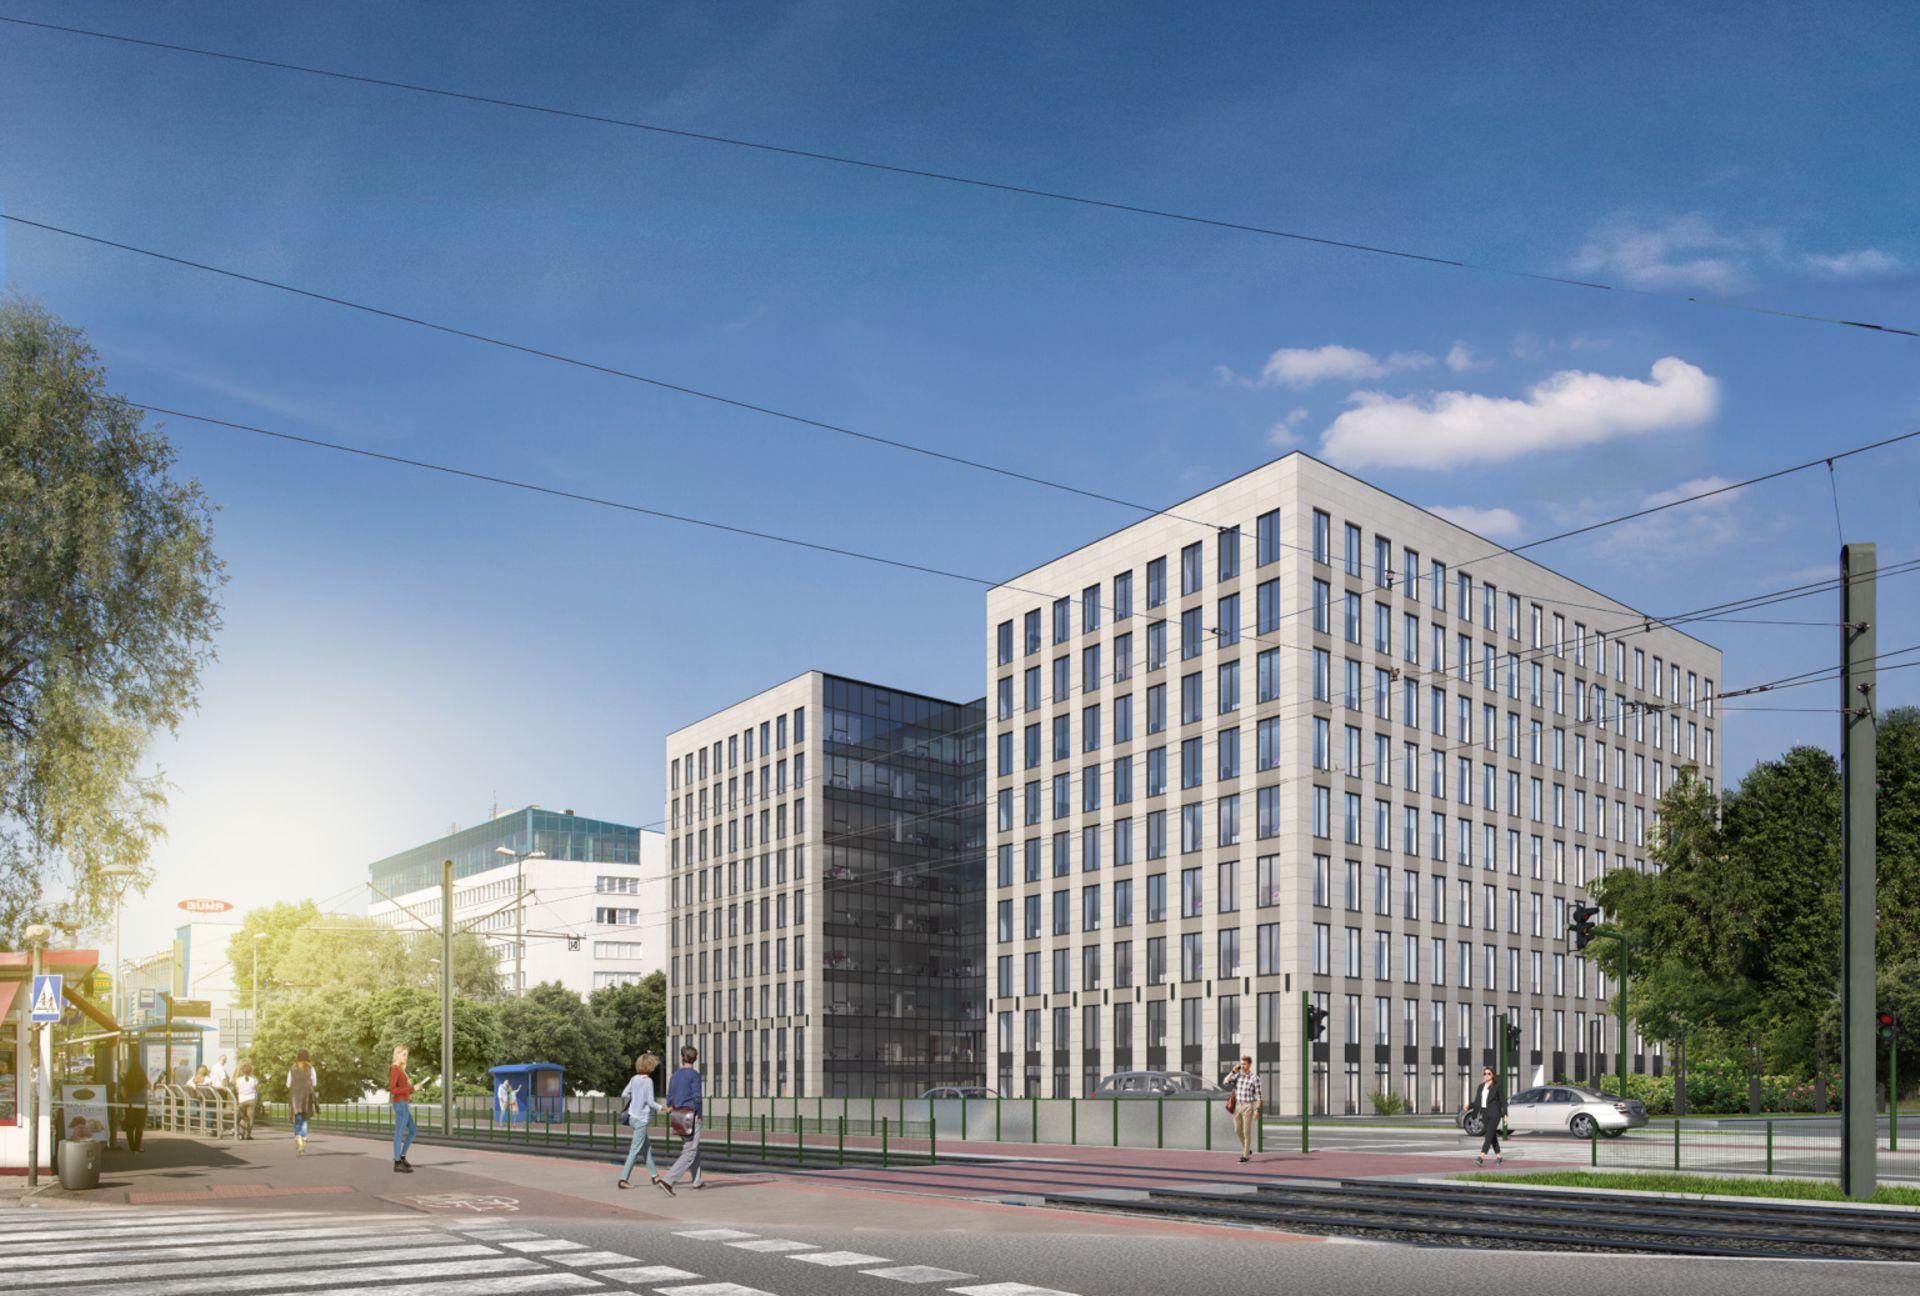 Ghelamco rozpoczęło budowę biurowca KREO w Krakowie [WIZUALIZACJE + ZDJĘCIA]